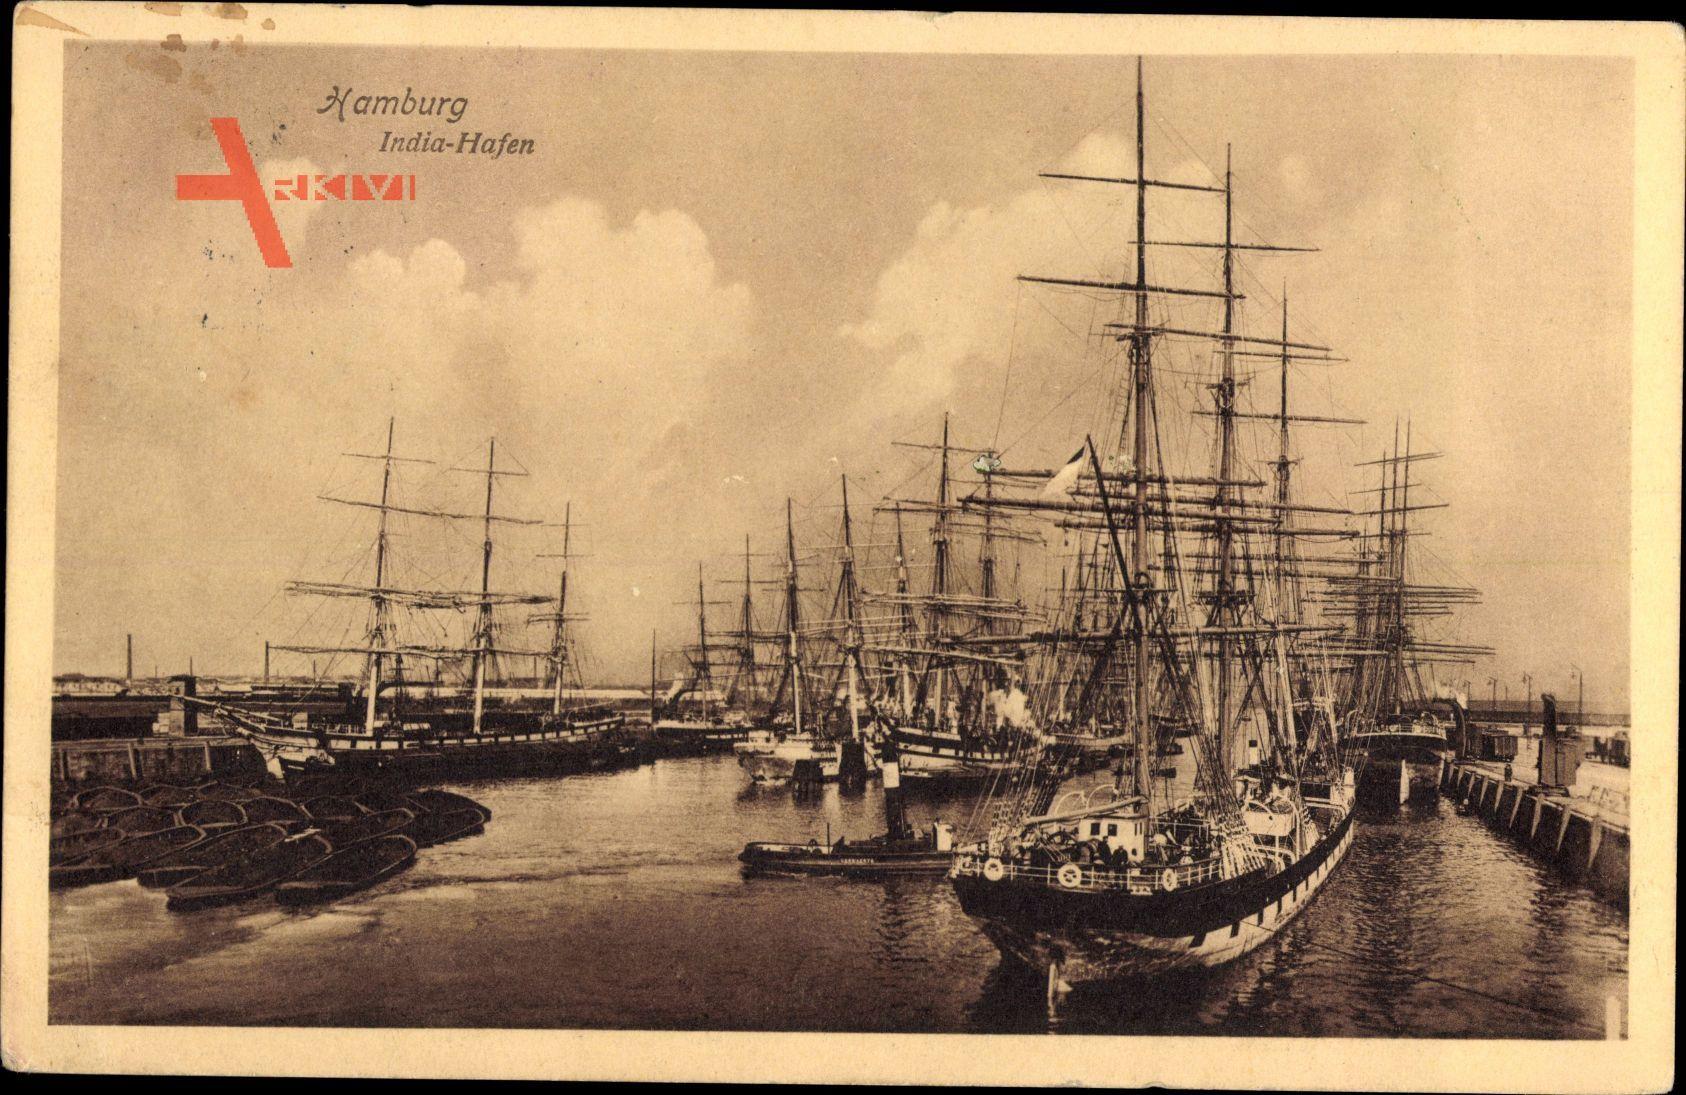 Hamburg, Blick in den India Hafen, Segelschiffe, Lotsenboot